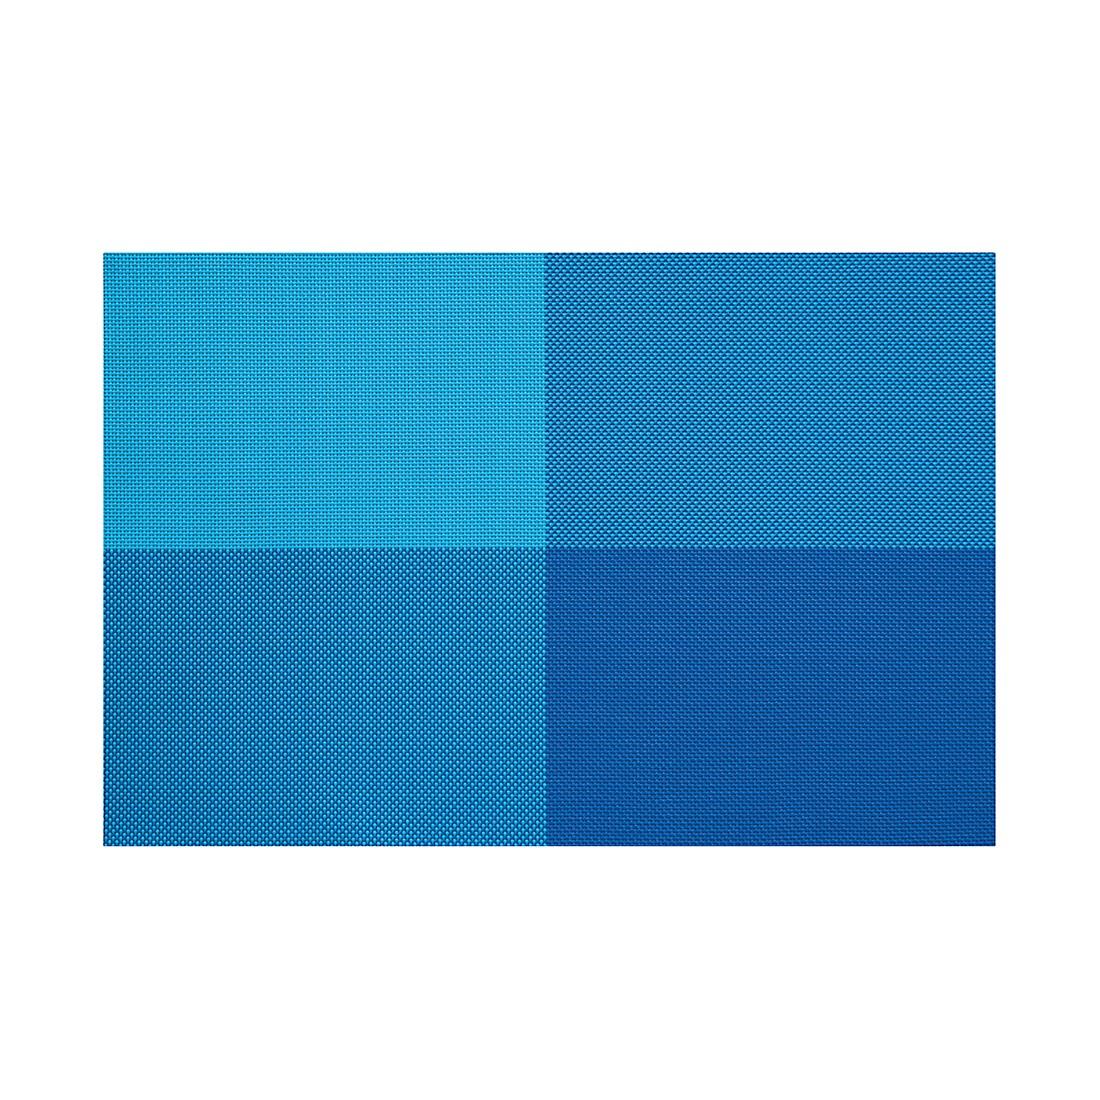 Tischsets Zarah (4er-Set) – blau, Contento online kaufen